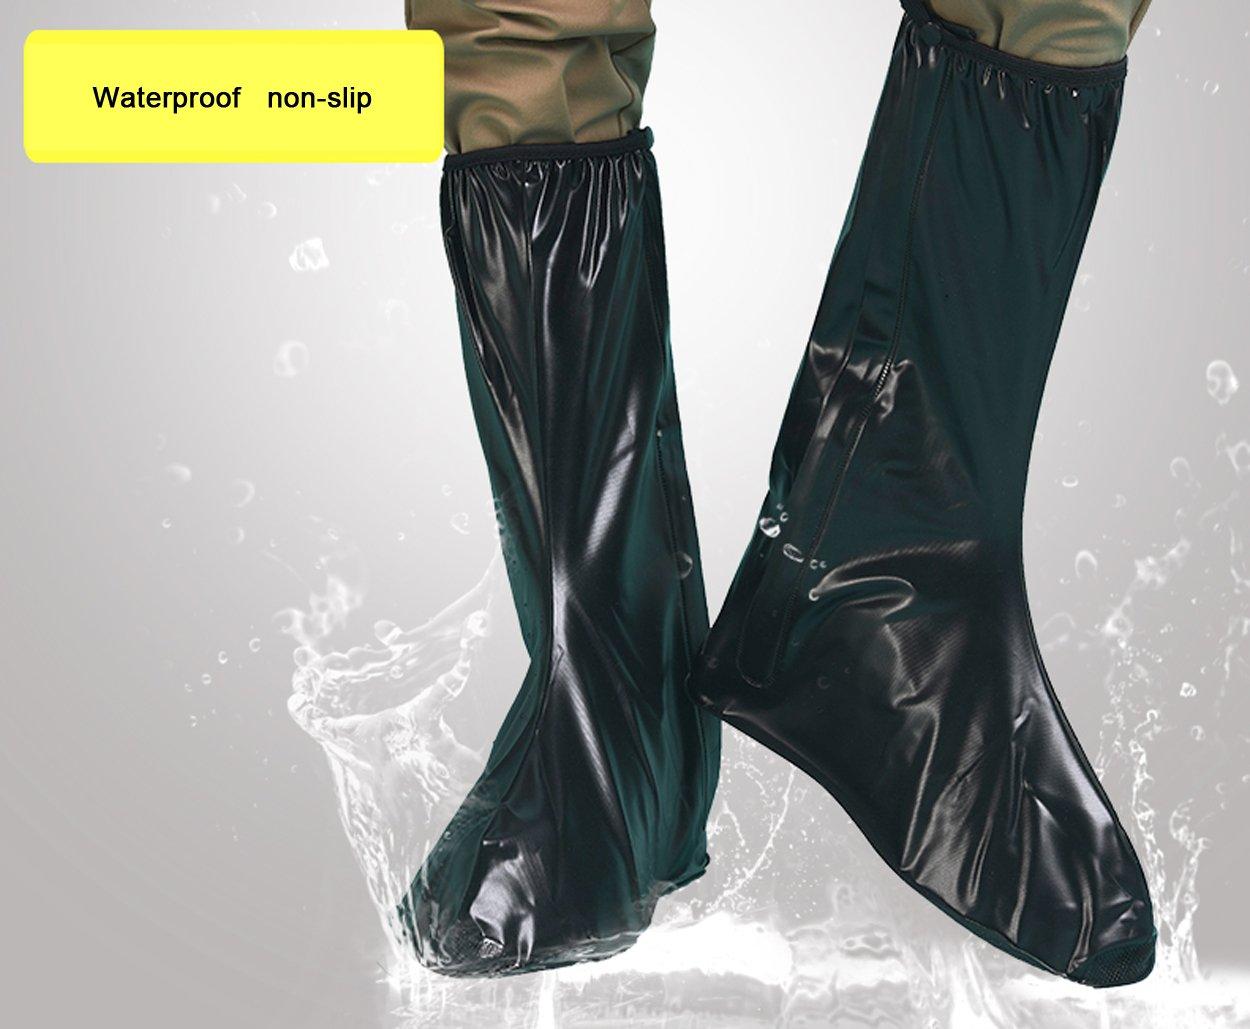 JOYOOO XXL lluvia botas cubre Impermeable y antideslizante Cubierta del zapato para moto cicleta y bicicleta 1x8wcpDqof